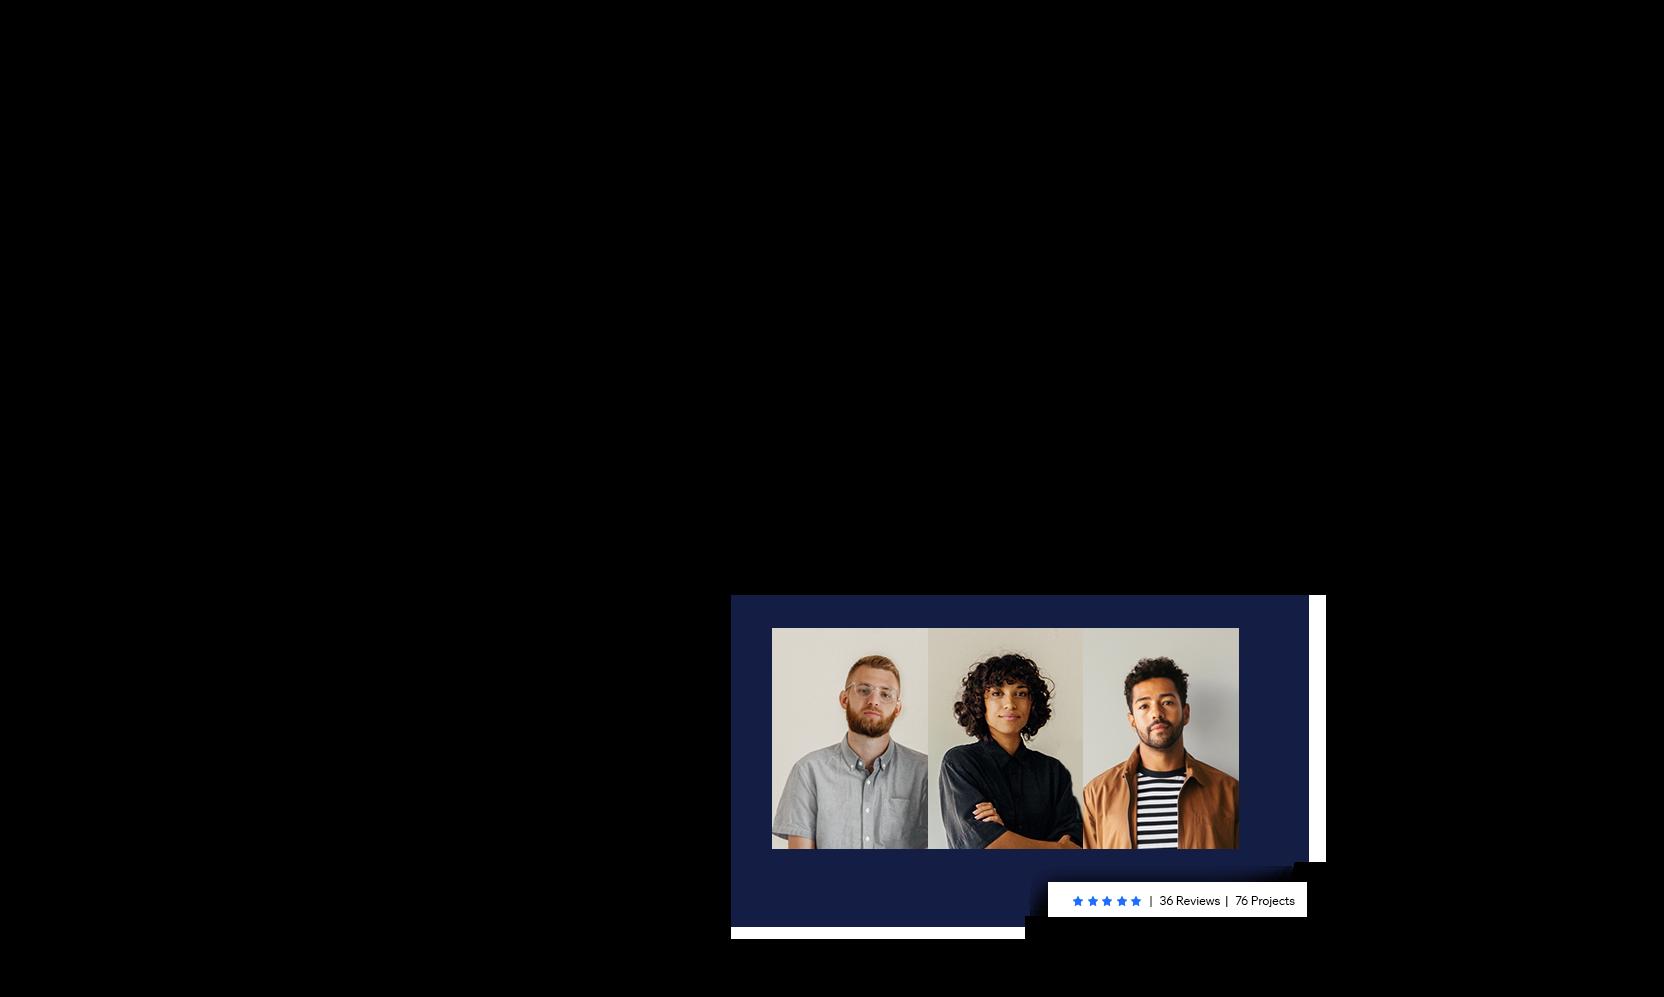 Wix Marketplace'ten tutulan bir ajansın sahibi olan üç kişinin portre fotoğrafı.